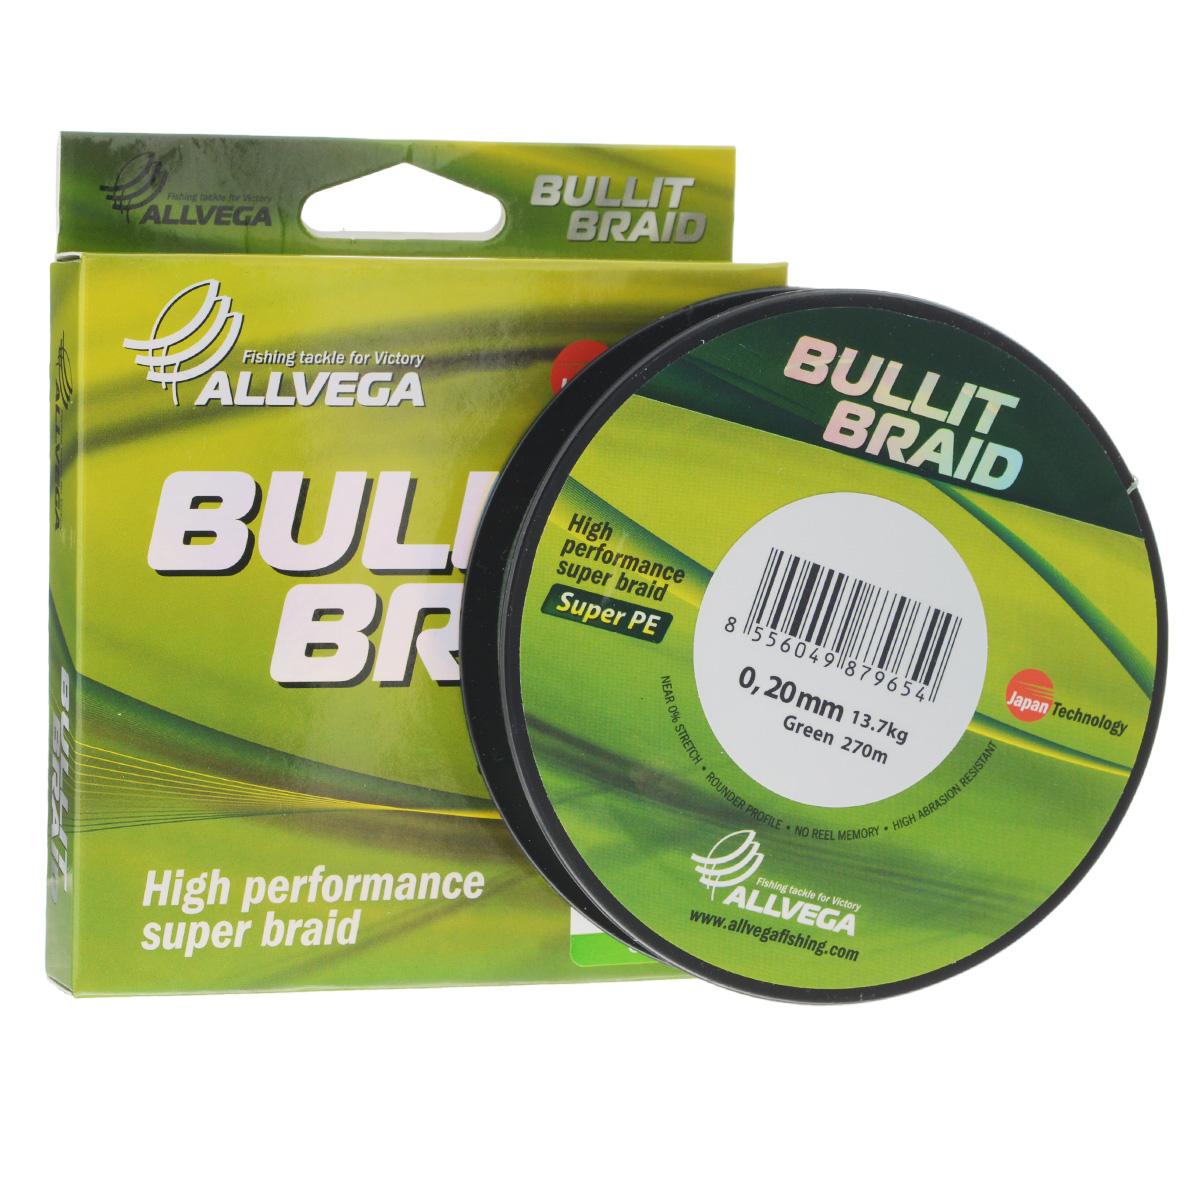 Леска плетеная Allvega Bullit Braid, цвет: темно-зеленый, 270 м, 0,20 мм, 13,7 кг13-12-17-220Леска Allvega Bullit Braid с гладкой поверхностью и одинаковым сечением по всей длине обладает высокой износостойкостью. Благодаря микроволокнам полиэтилена (Super PE) леска имеет очень плотное плетение и не впитывает воду. Леску Allvega Bullit Braid можно применять в любых типах водоемов. Особенности:повышенная износостойкость;высокая чувствительность - коэффициент растяжения близок к нулю;отсутствует память; идеально гладкая поверхность позволяет увеличить дальность забросов; высокая прочность шнура на узлах.